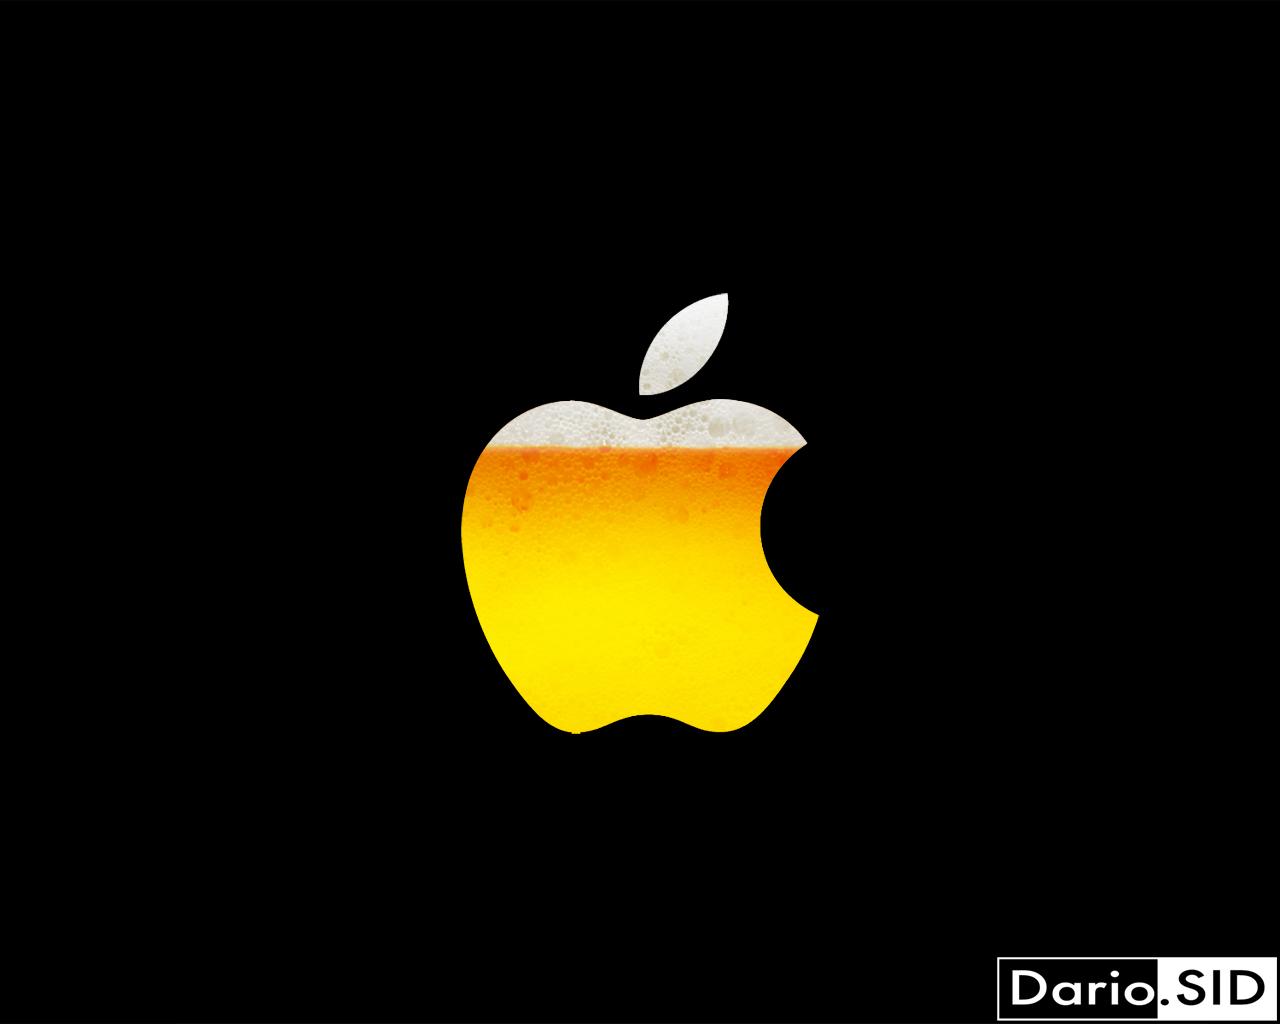 apple wallpaper, фото, обои для рабочего стола, скачать